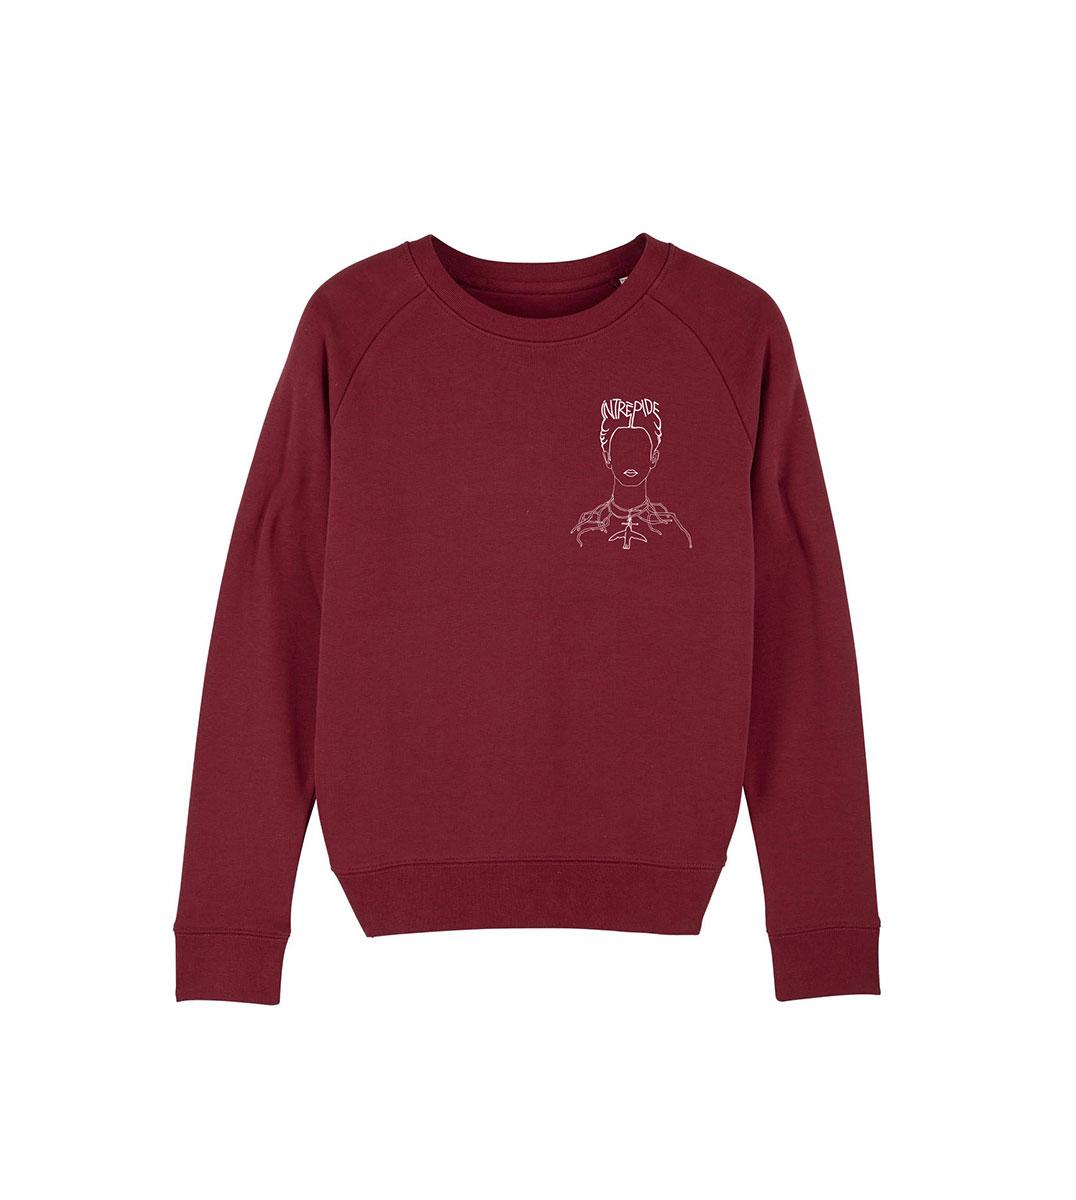 mockup d'un sweatshirt bordeaux, représentant frida kahlp